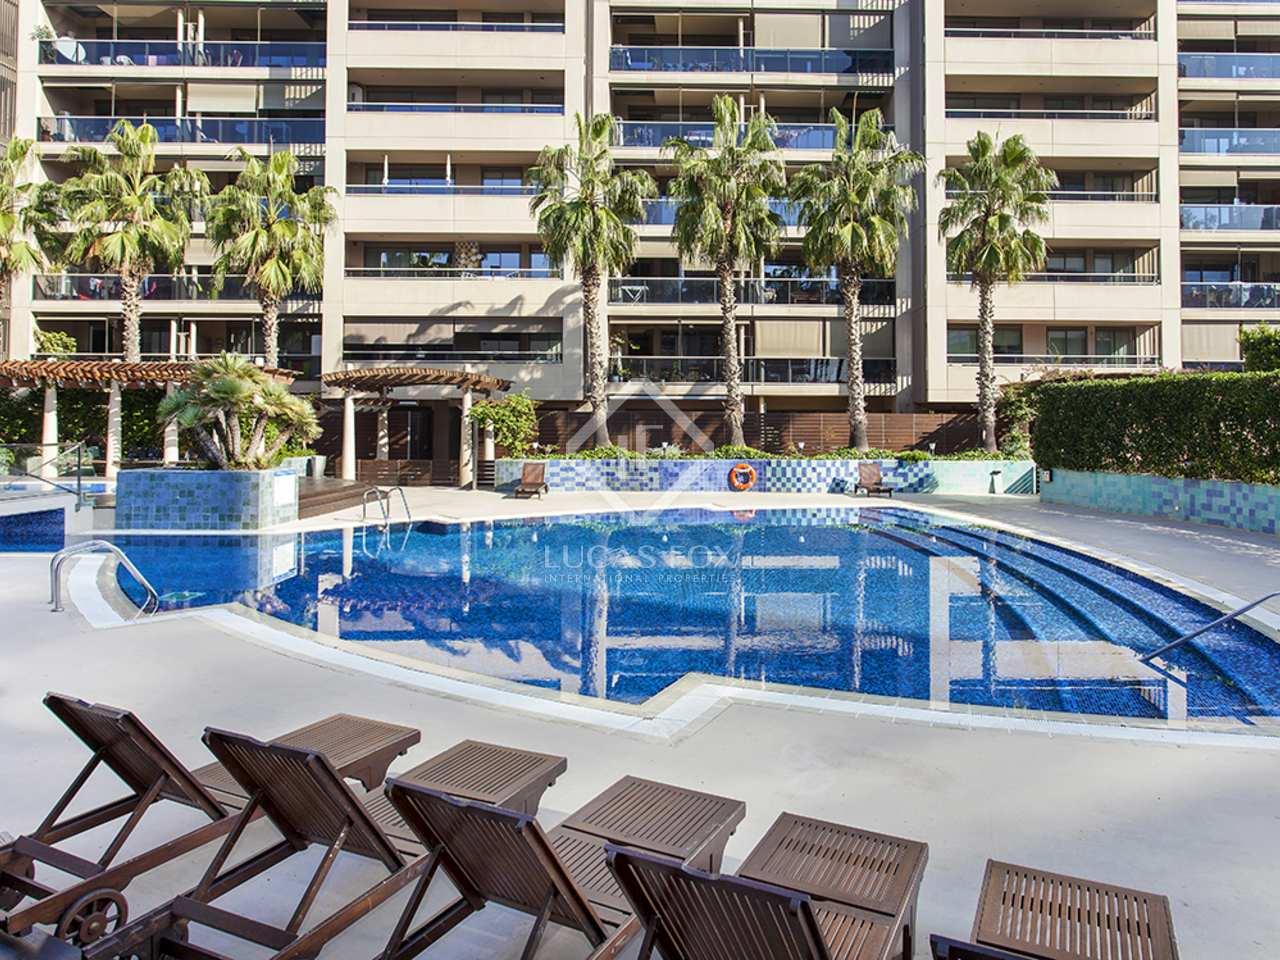 Appartement de 81m a louer diagonal mar avec 16m terrasse for Appartement a louer a barcelone avec piscine